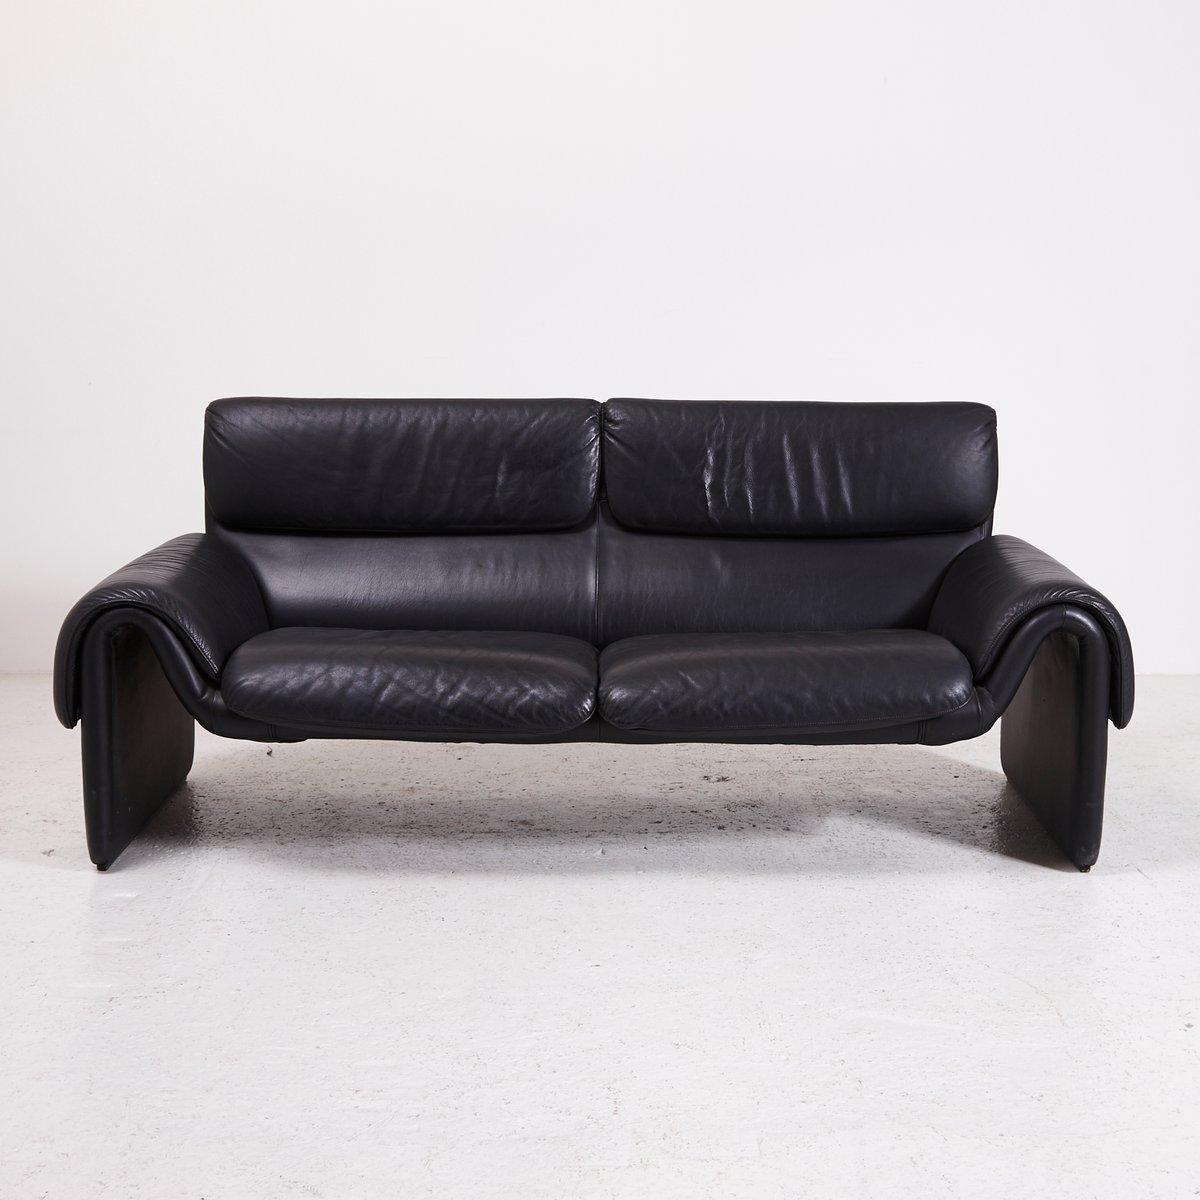 Modell ds2011 2 sitzer sofa von de sede bei pamono kaufen for Sofa 7 sitzer